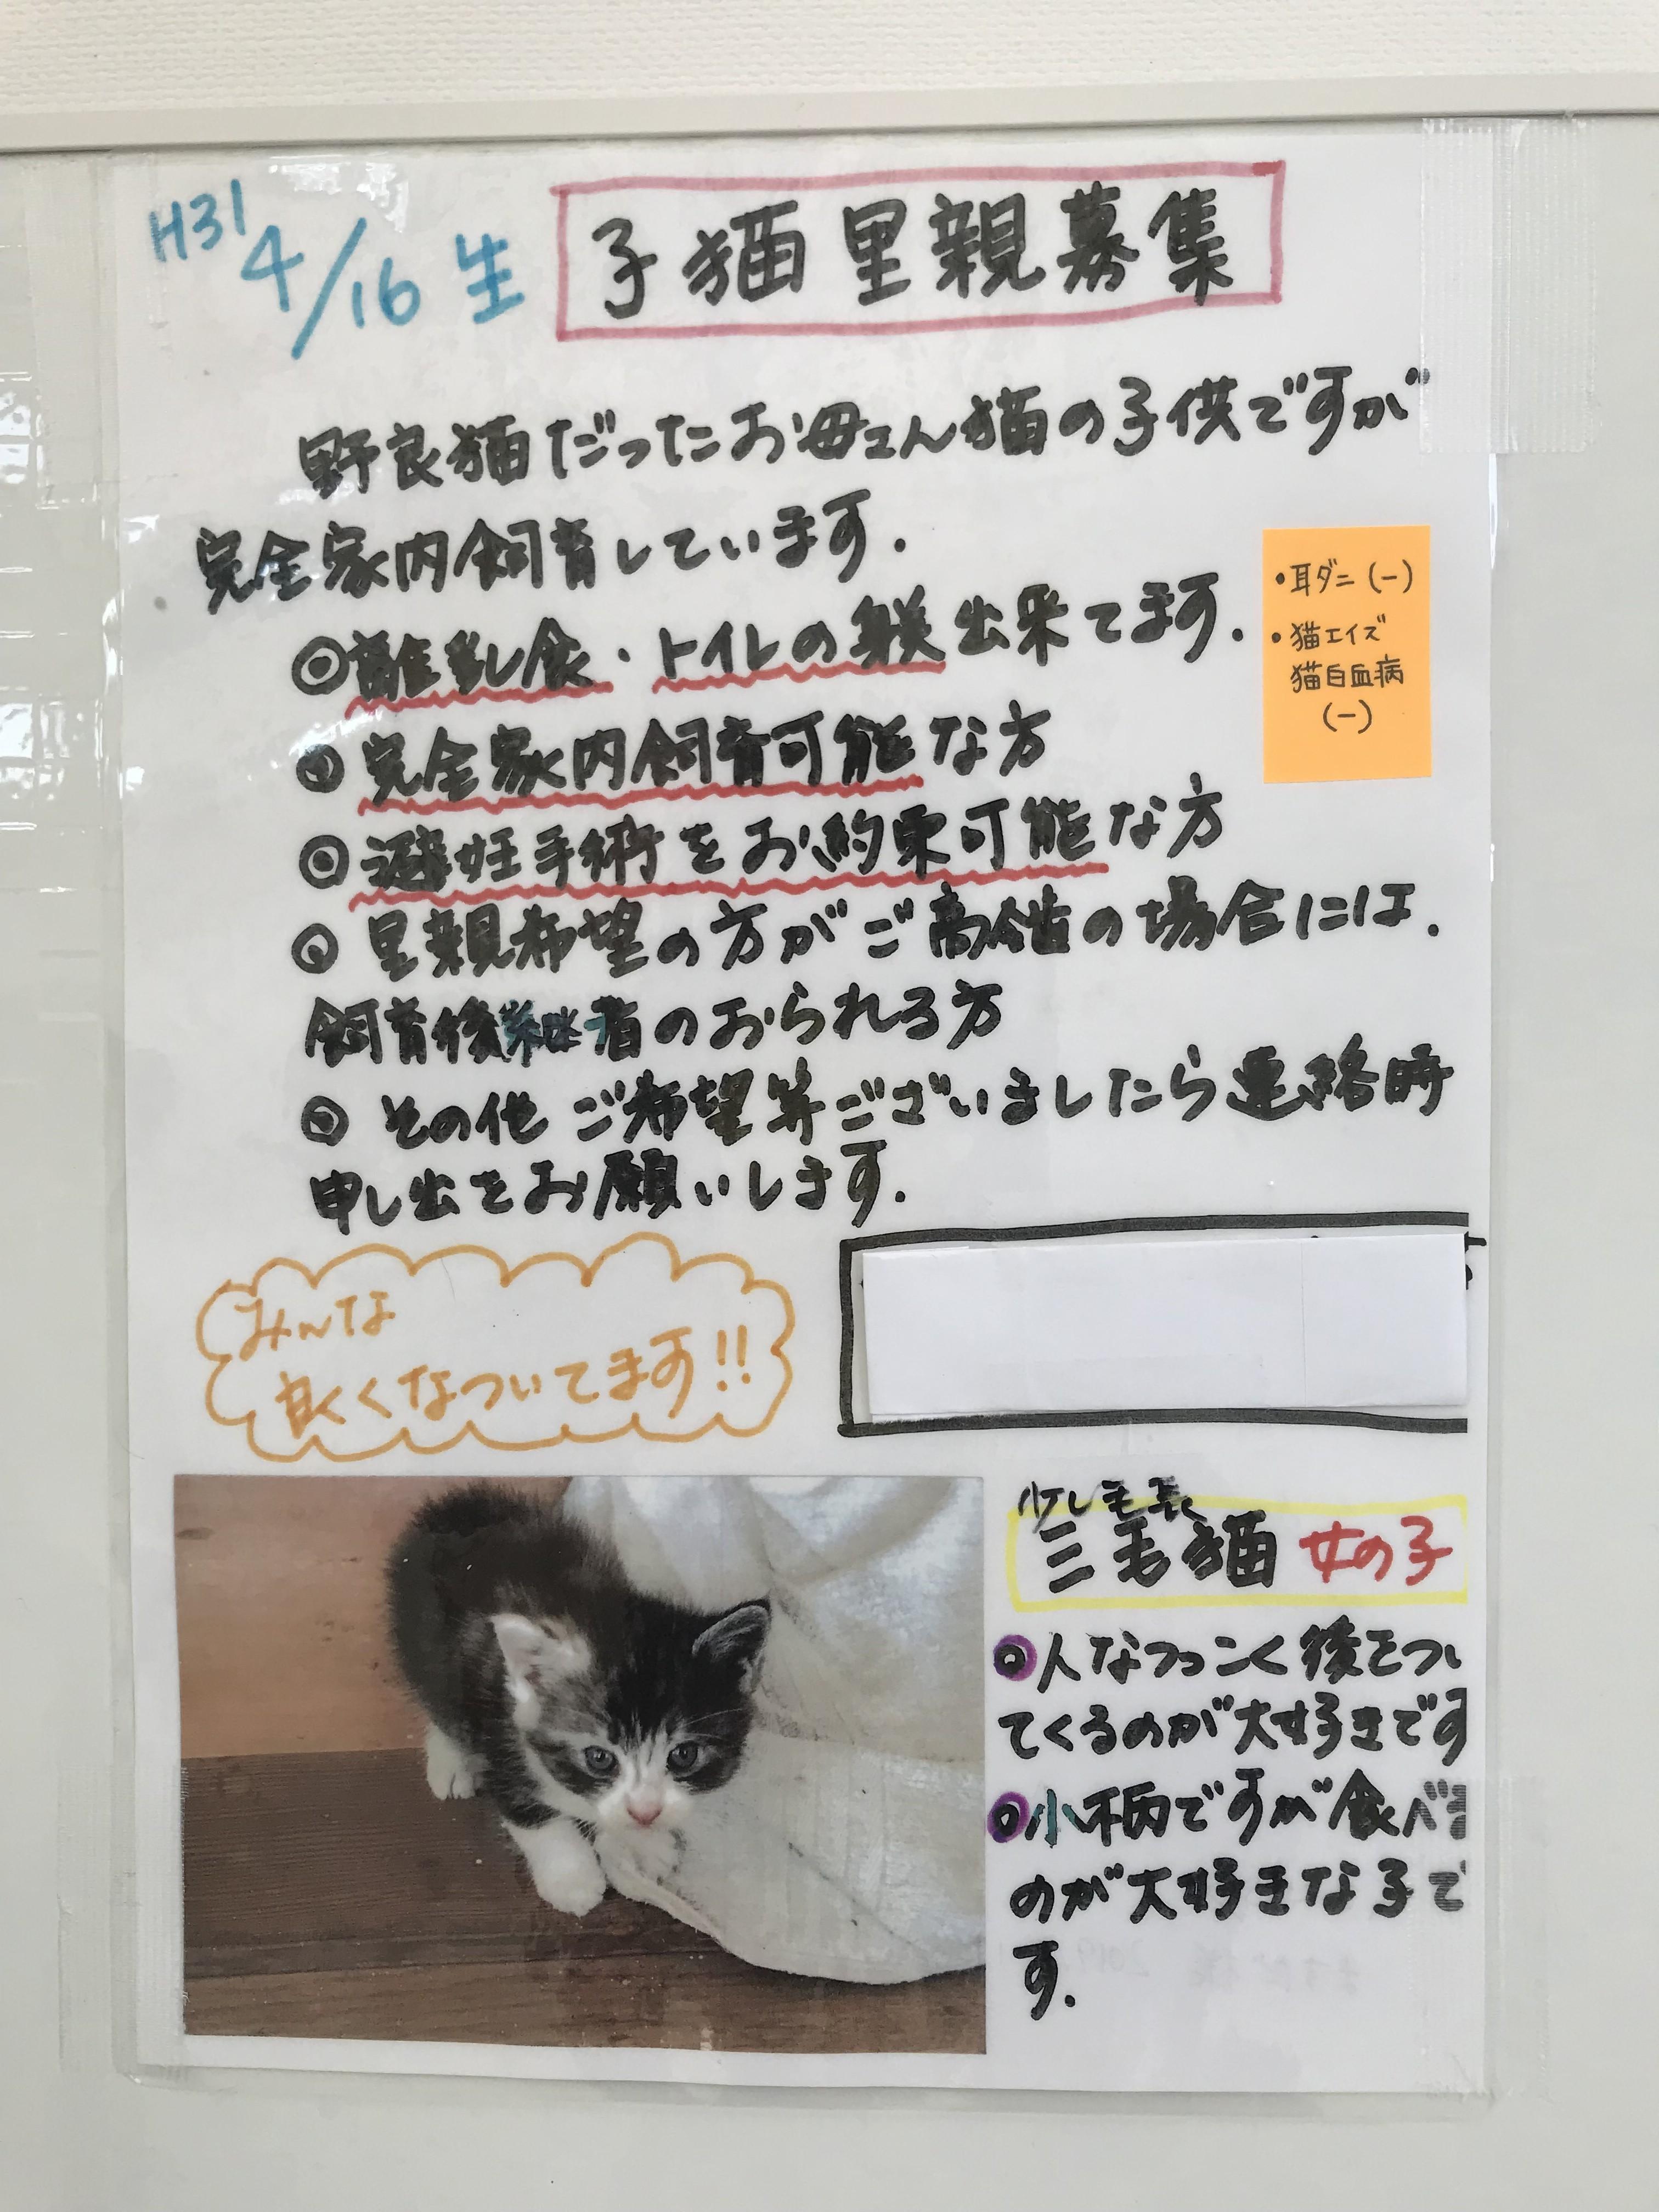 〈2243〉増田ノラネコ里親探し